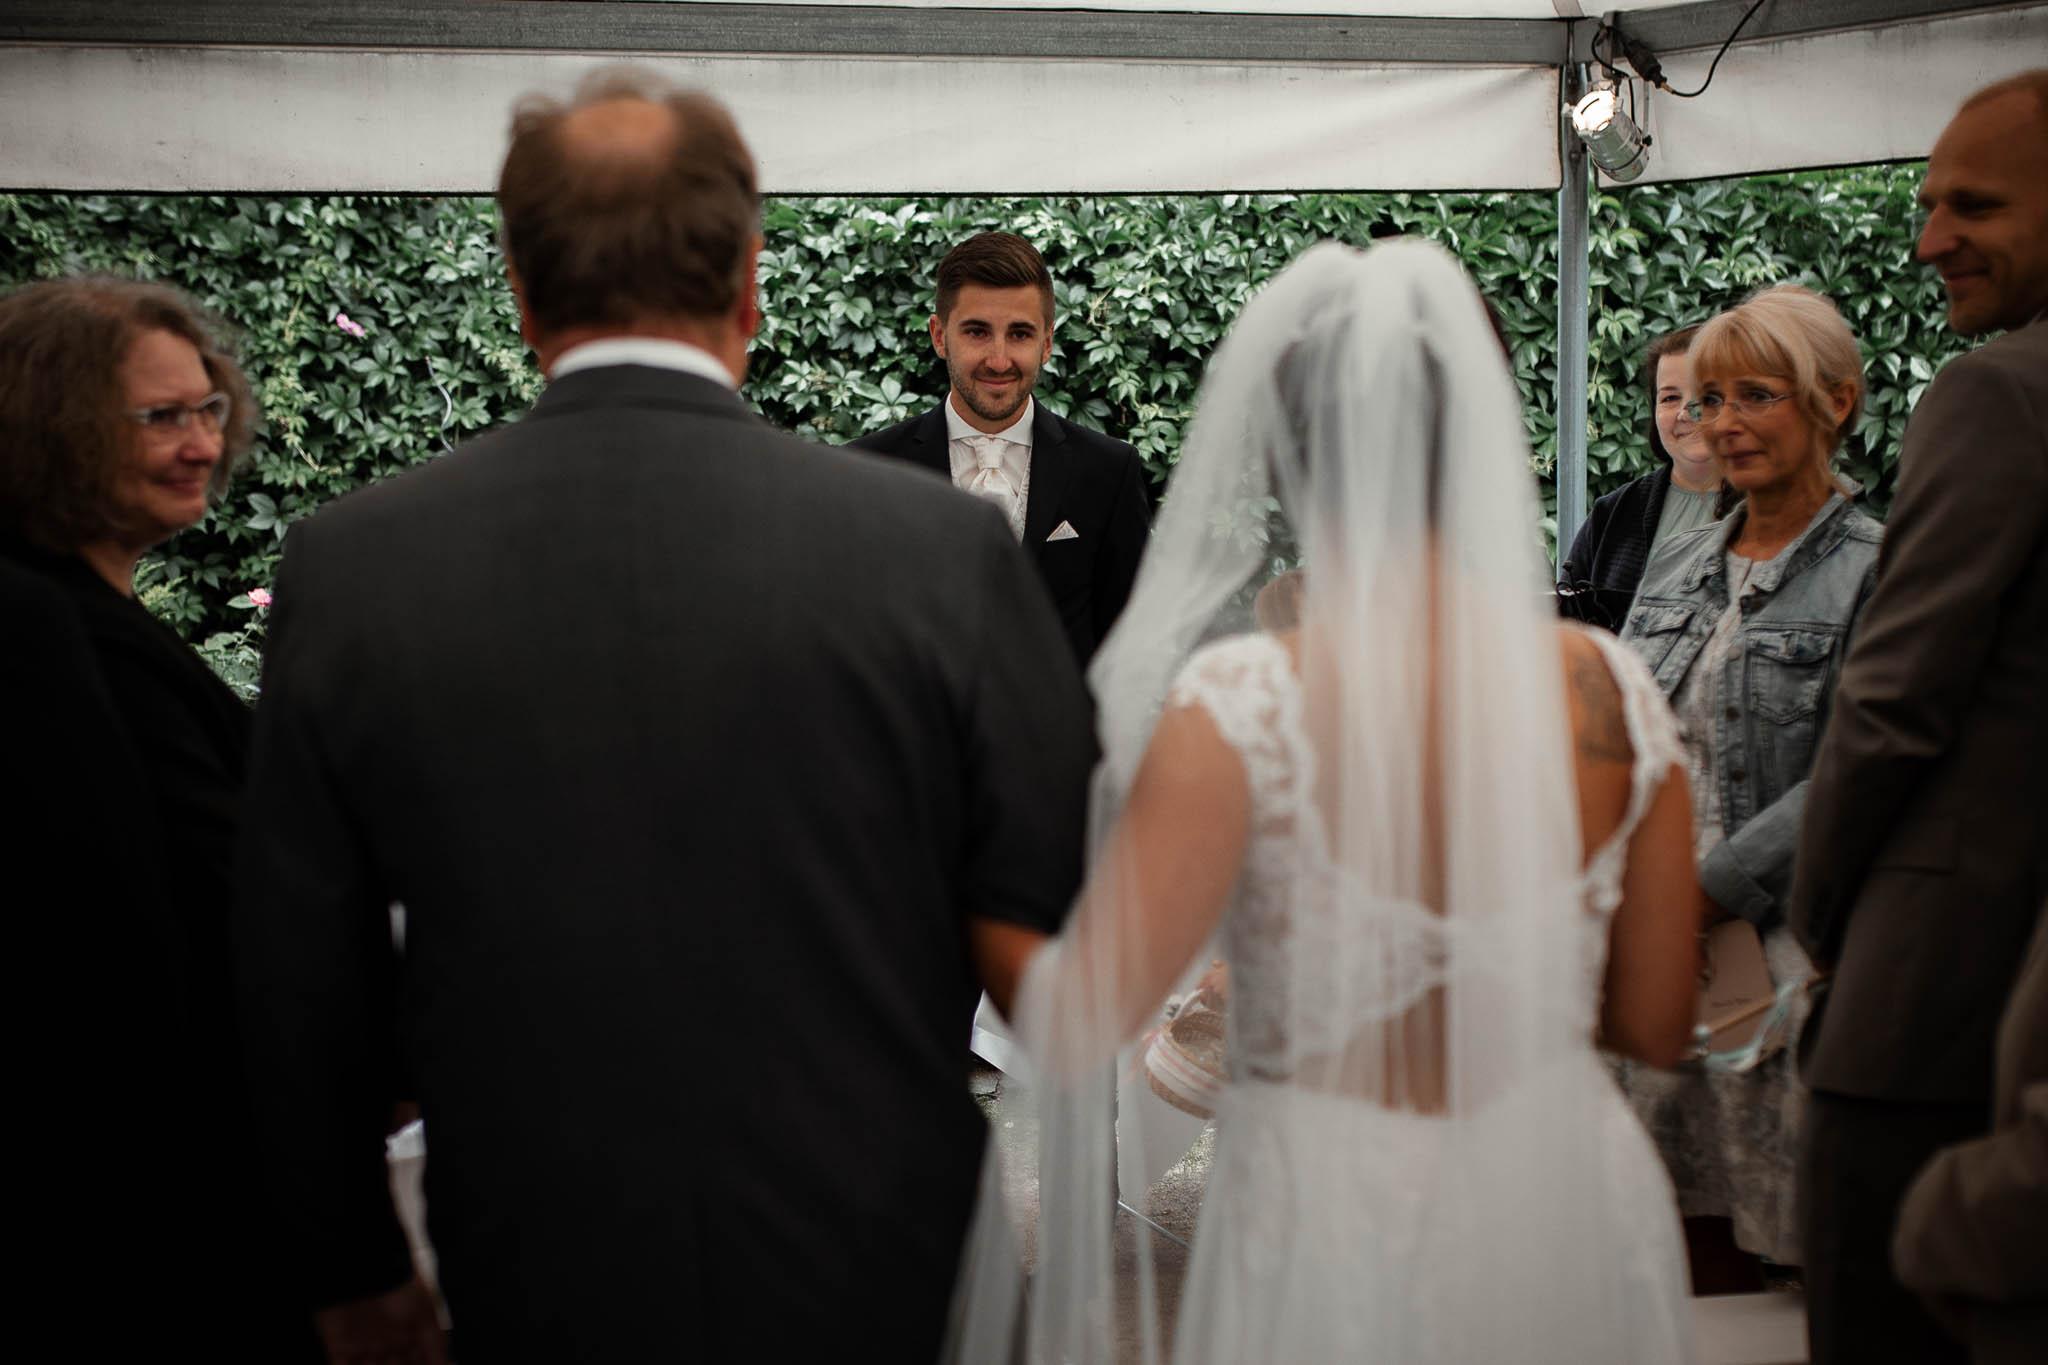 Hochzeitsfotograf Monzernheim: freie Trauung von Sarah & Patrick 23